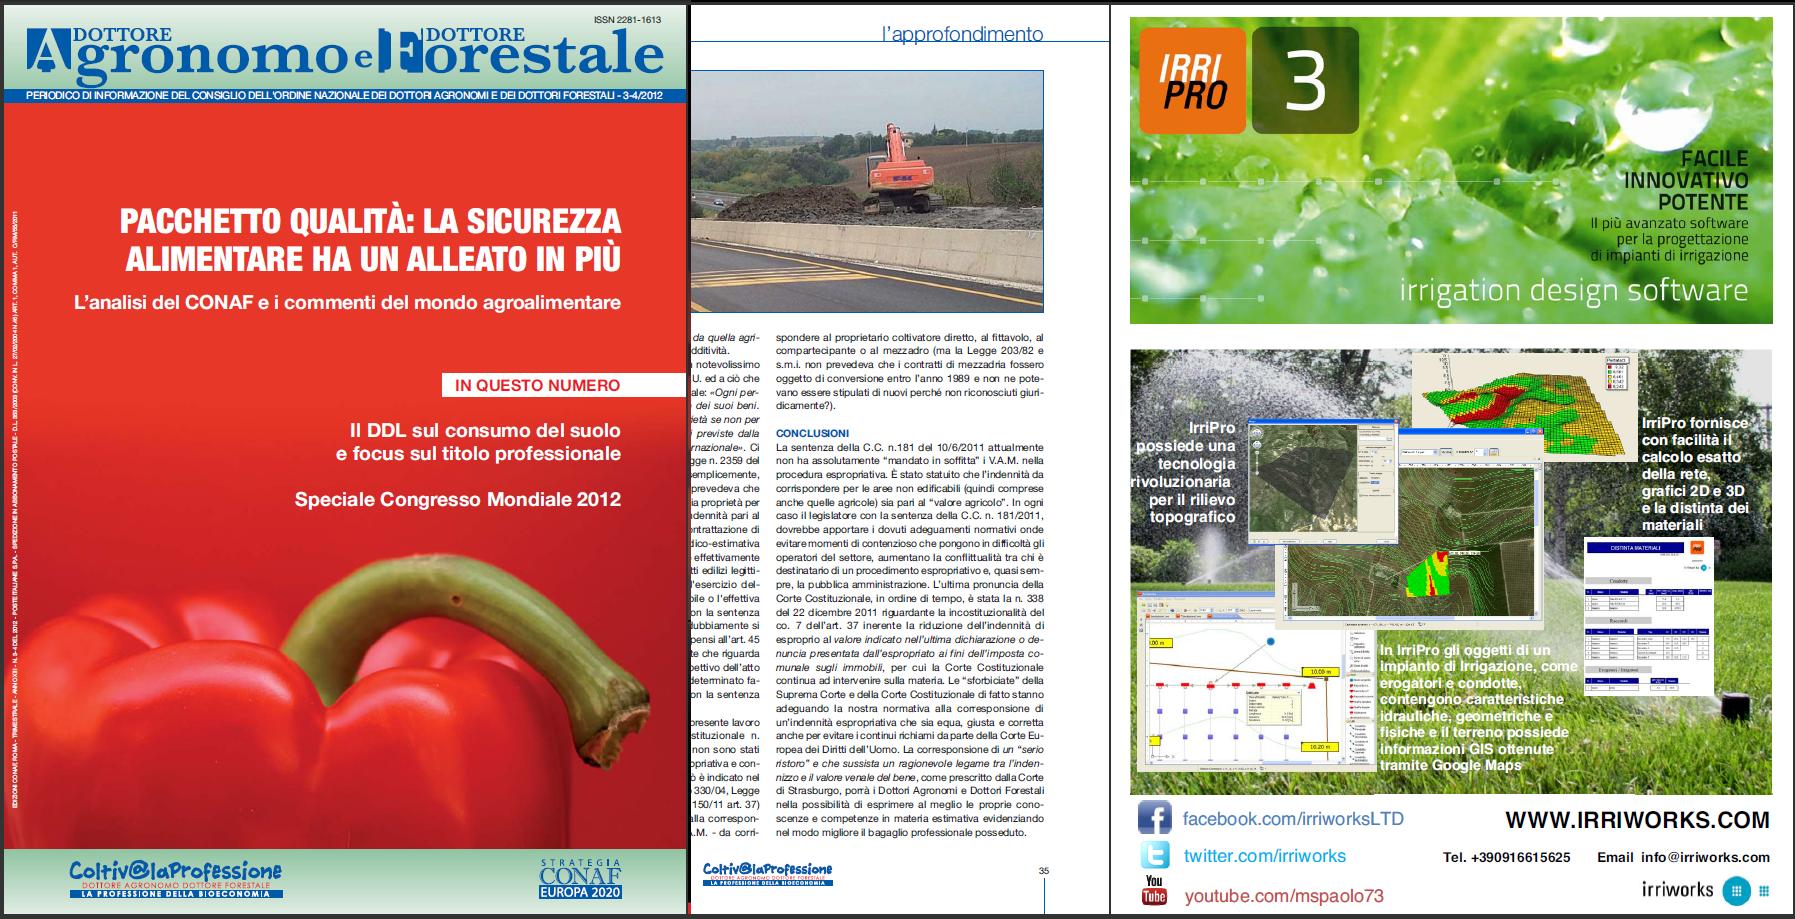 Rassegna stampa progettazione impianti irrigazione for Software progettazione impianti irrigazione gratis